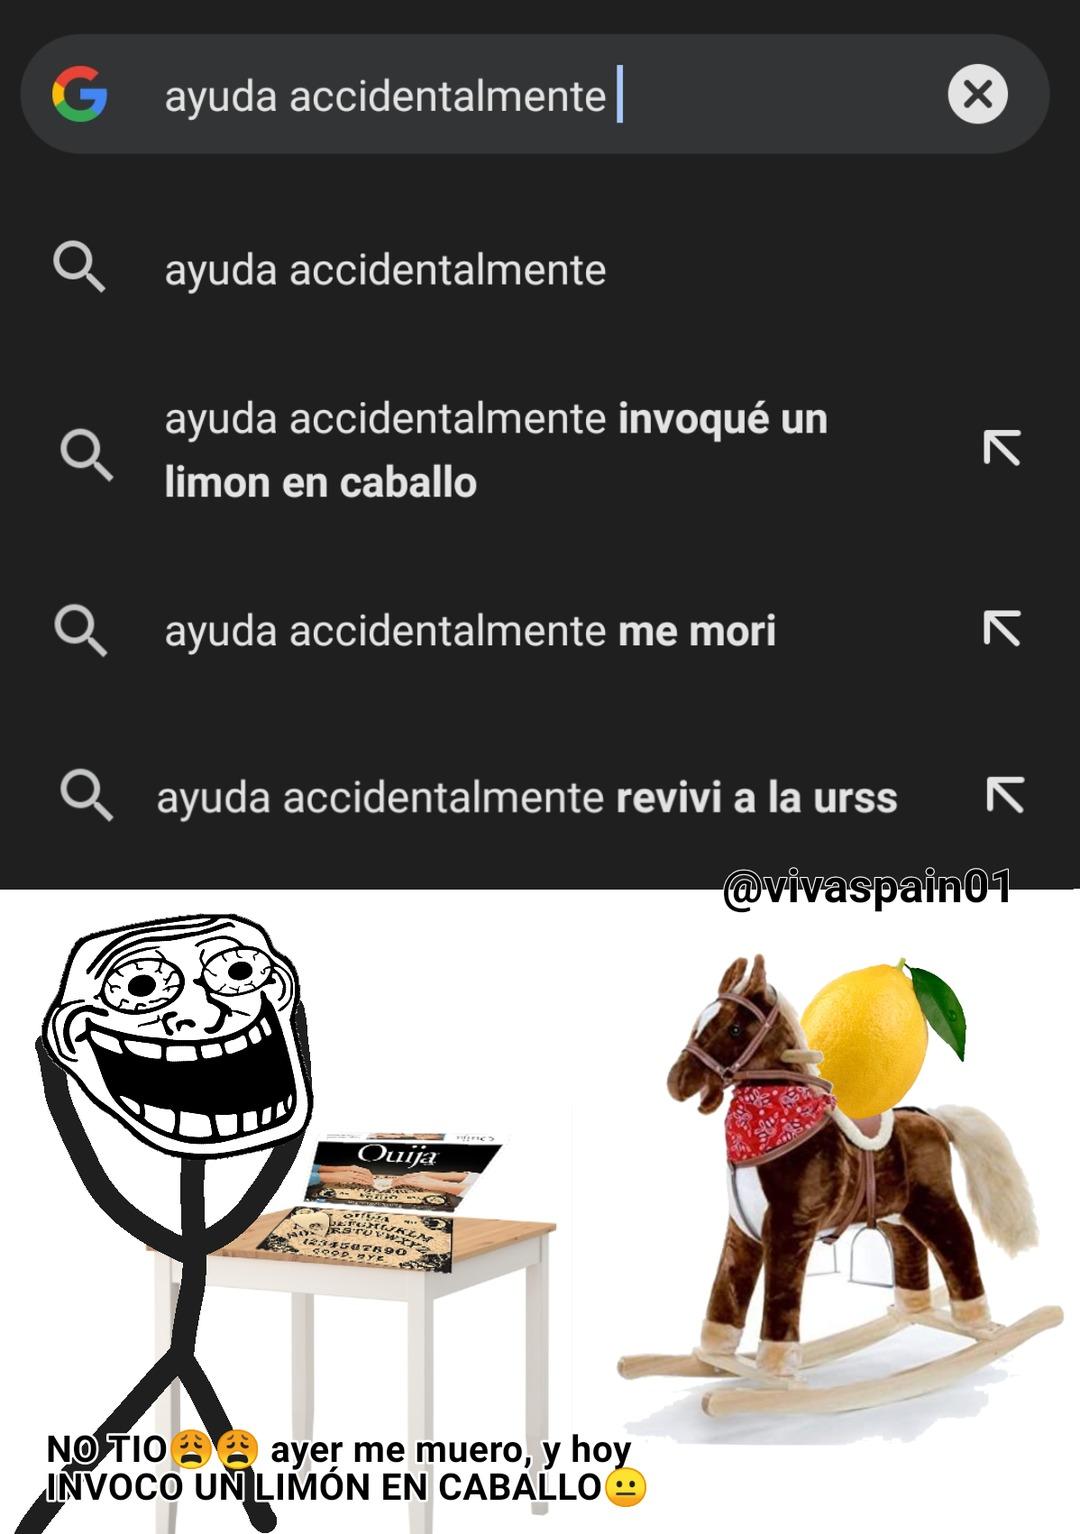 Ayuda accidentalmente invoqué un limón en caballo - meme